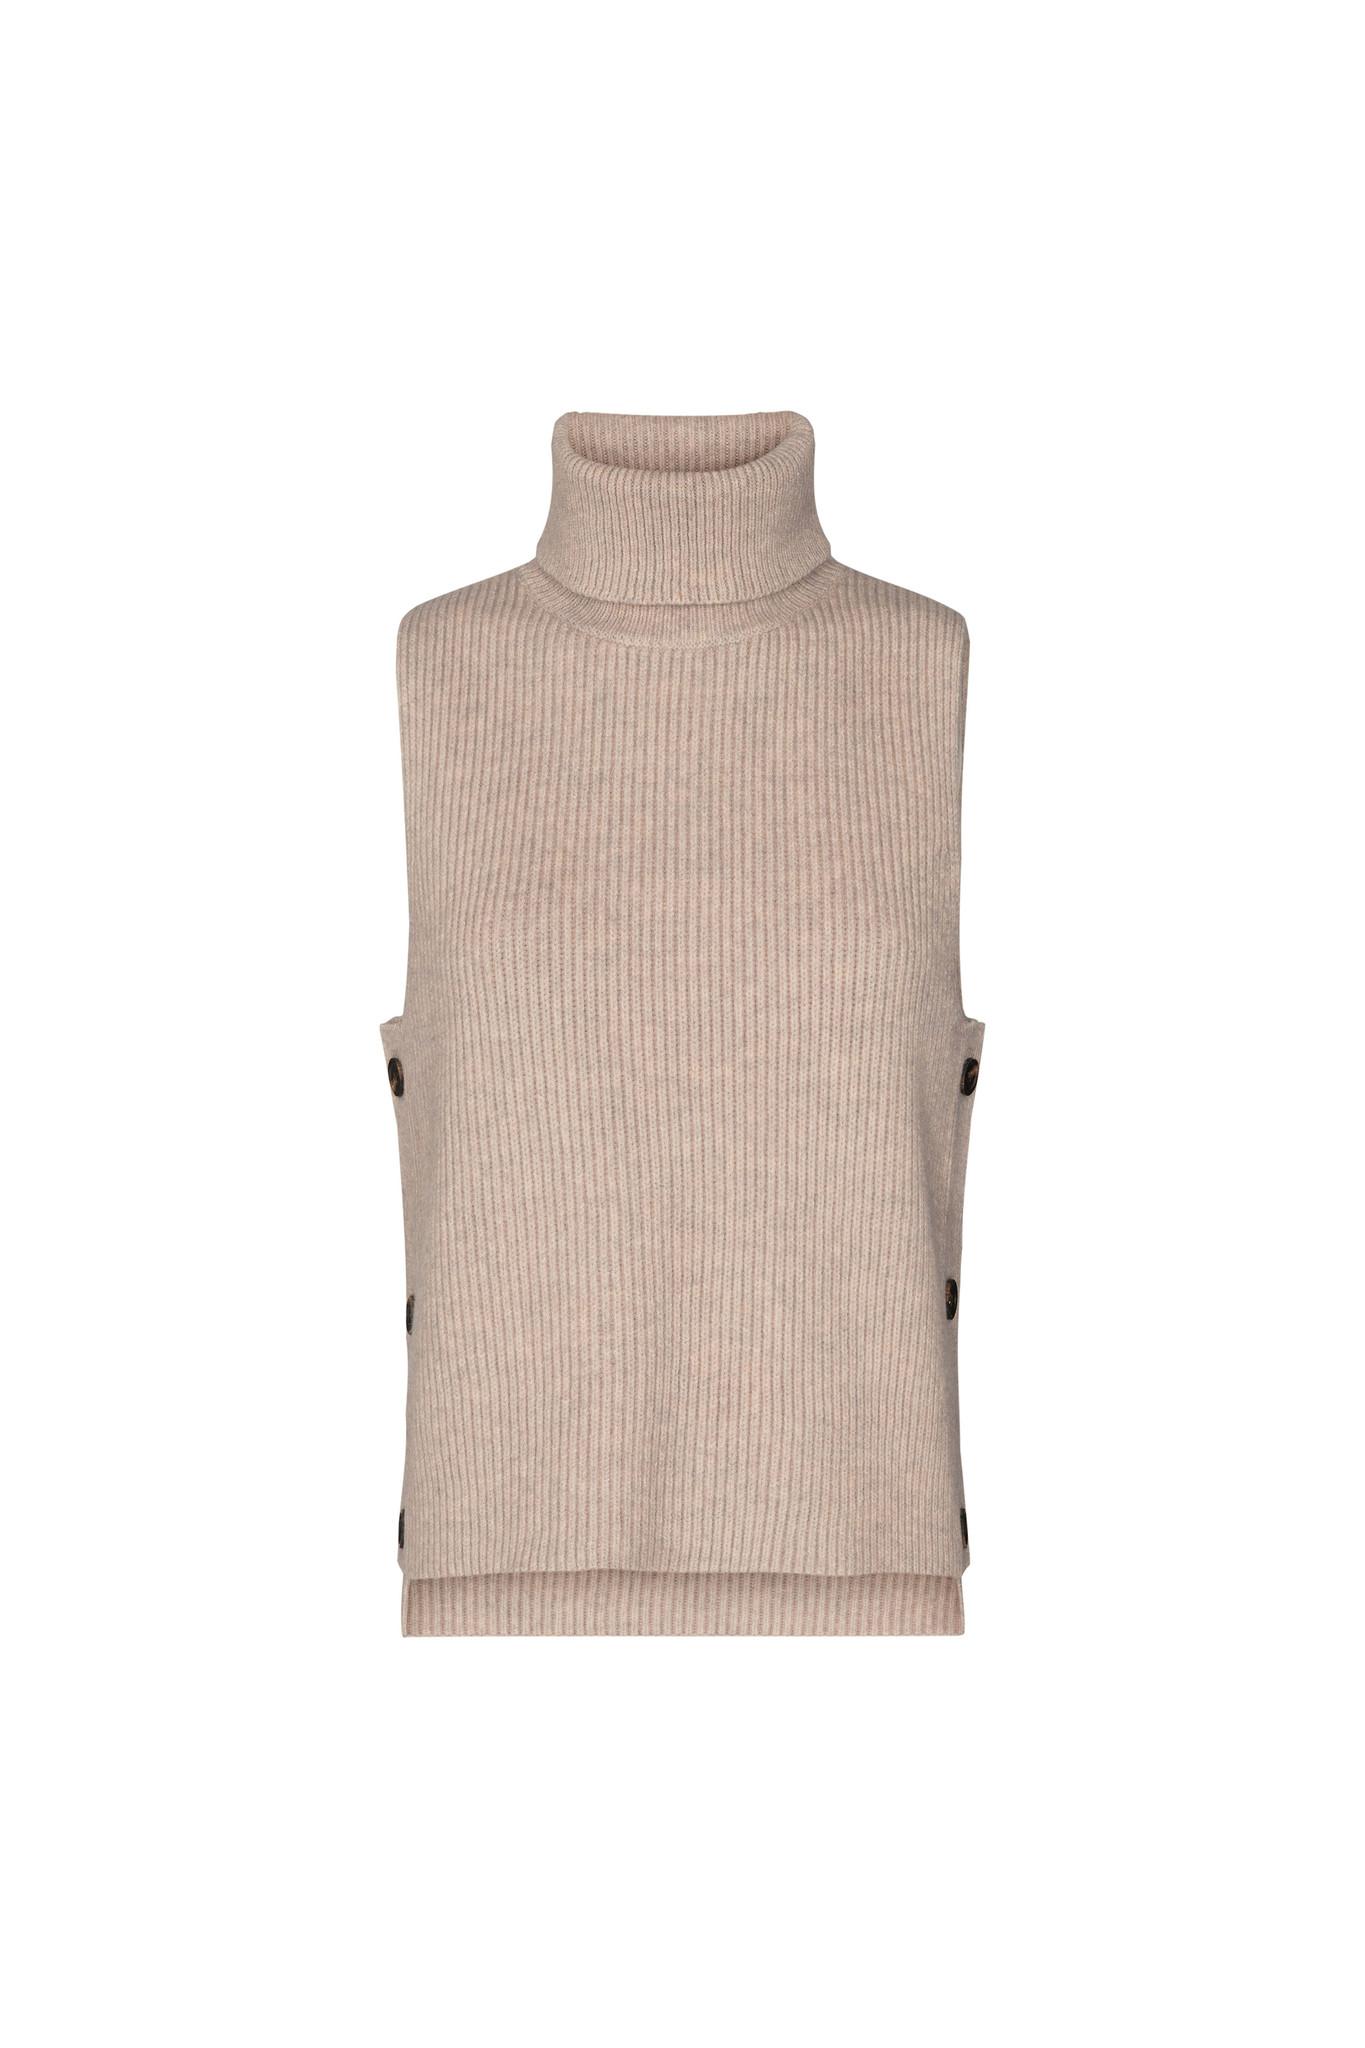 Row Button Vest - Bone-1